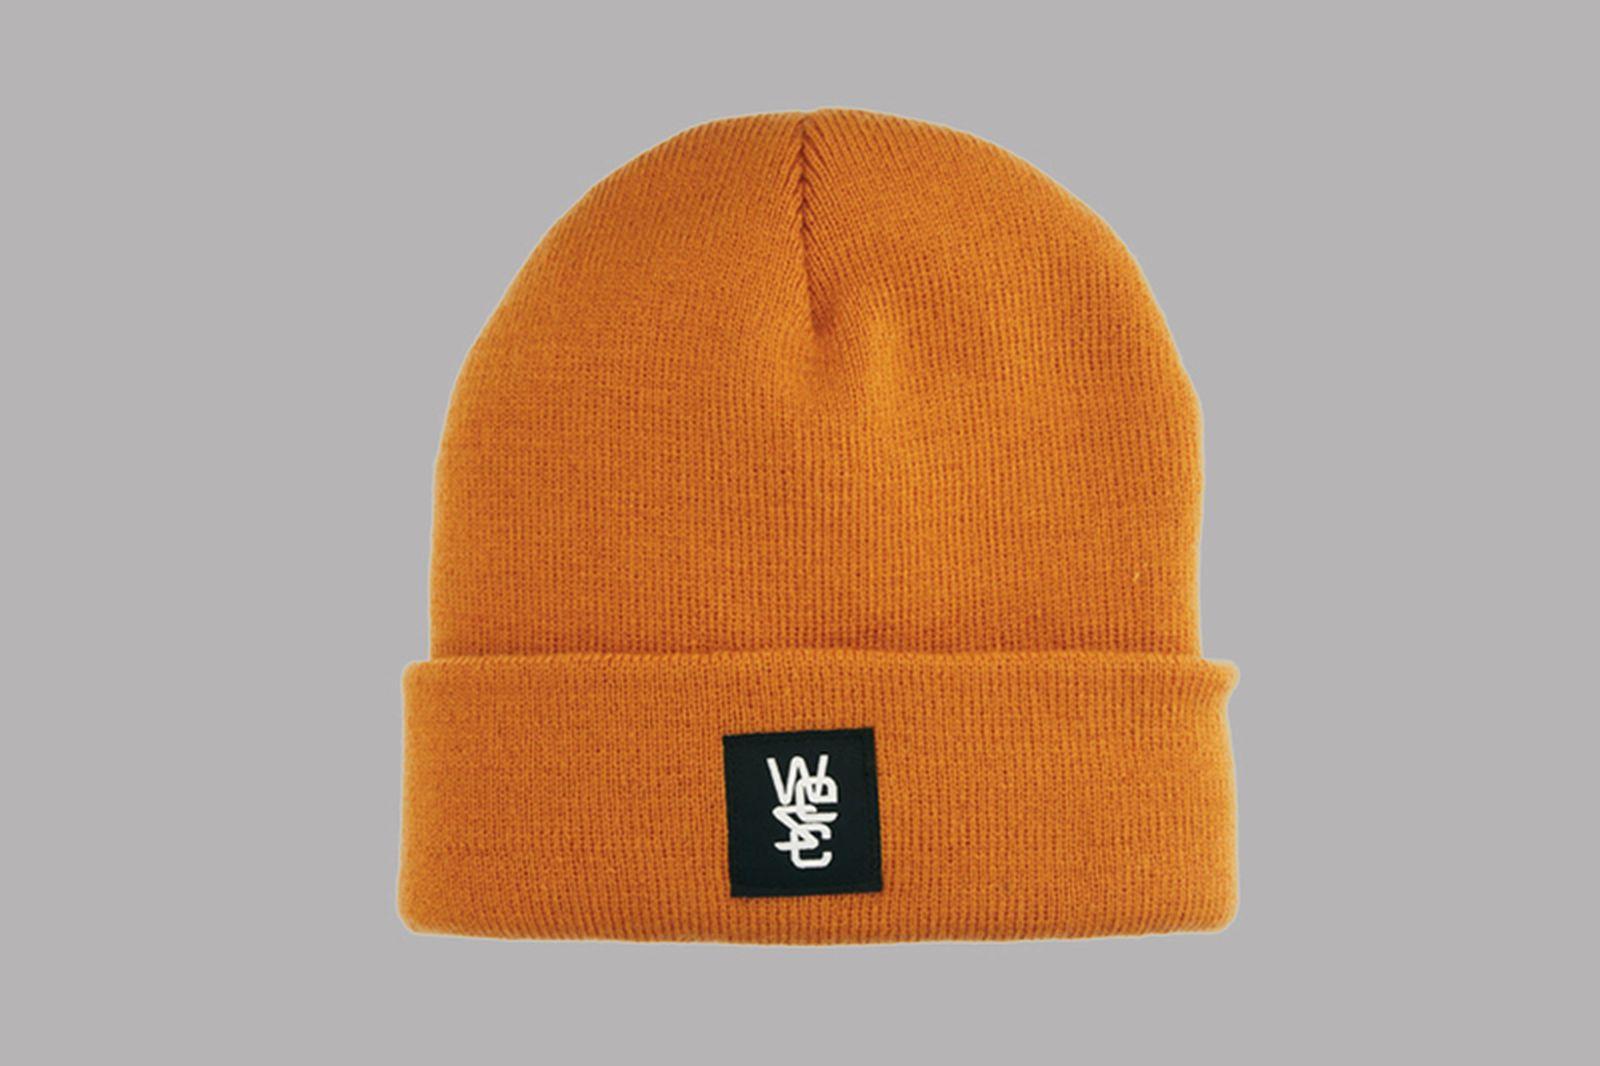 wesc-beanie-orange